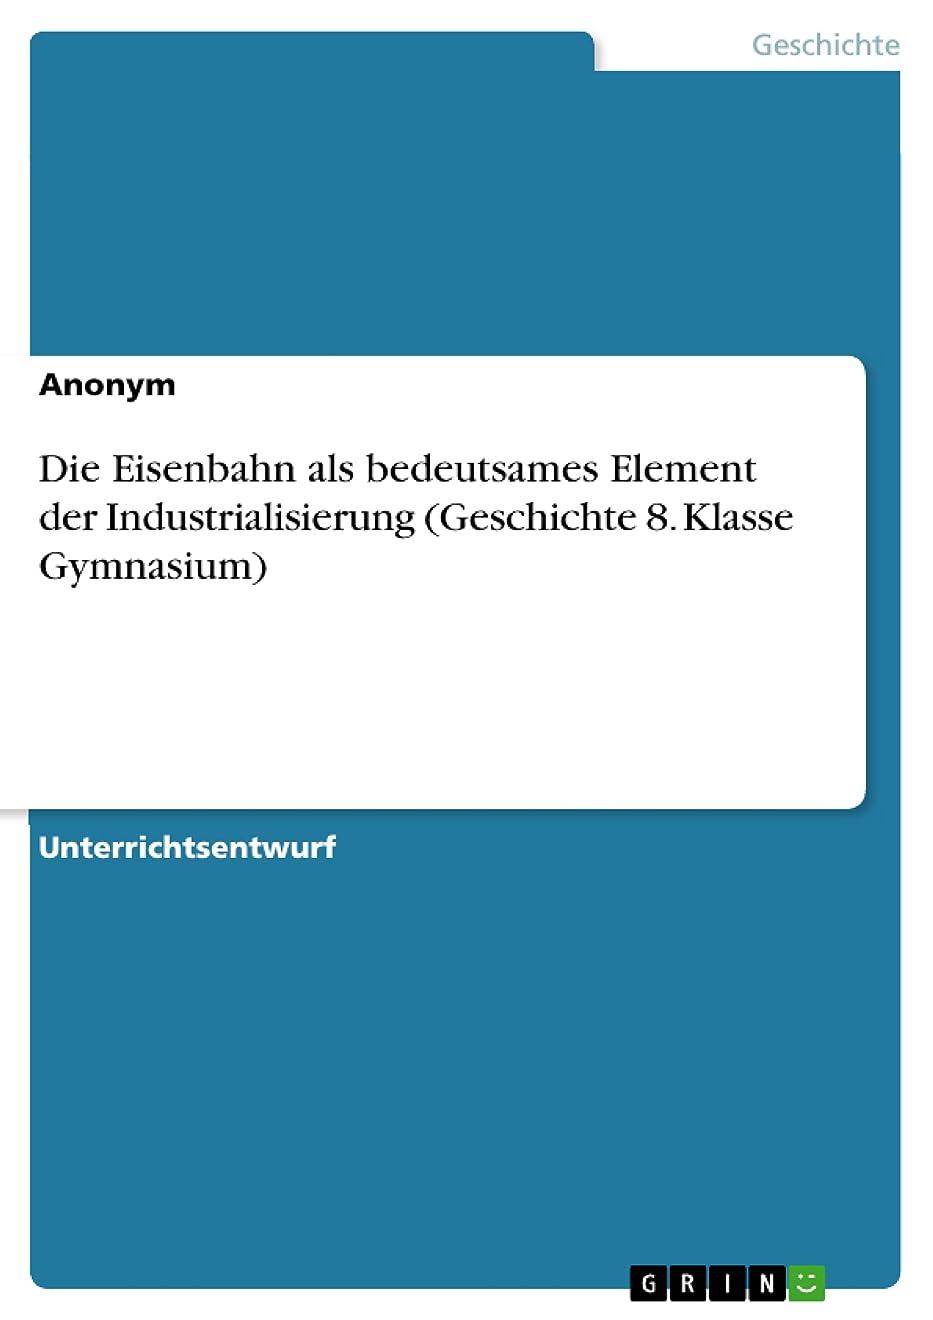 麻酔薬尊敬する乱れDie Eisenbahn als bedeutsames Element der Industrialisierung (Geschichte 8. Klasse Gymnasium) (German Edition)